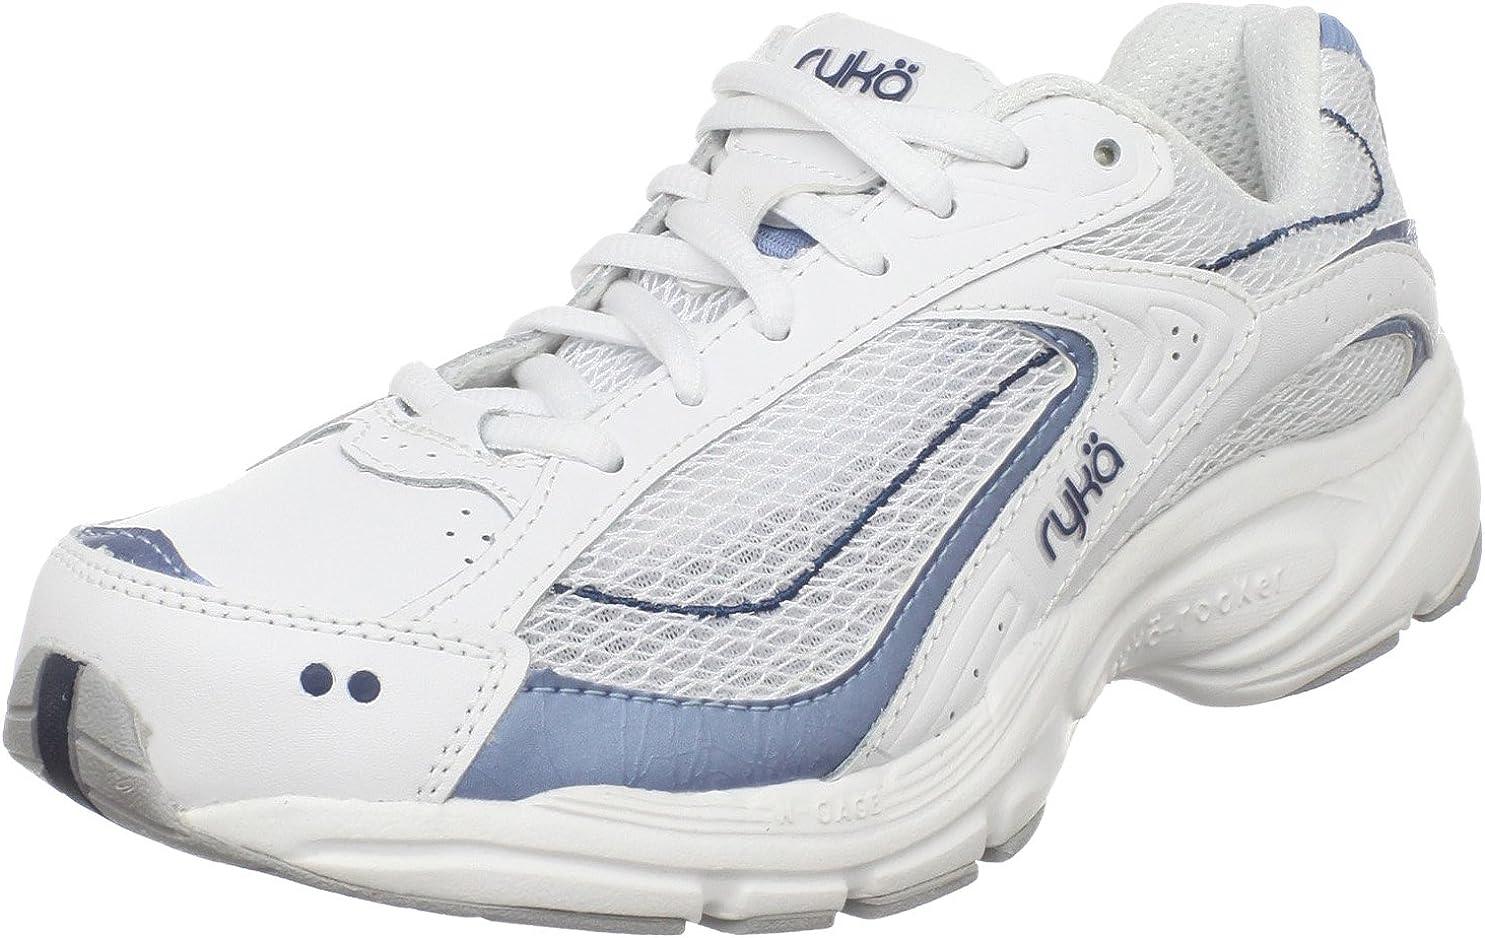 Ryka Women's Advance Walking Shoe